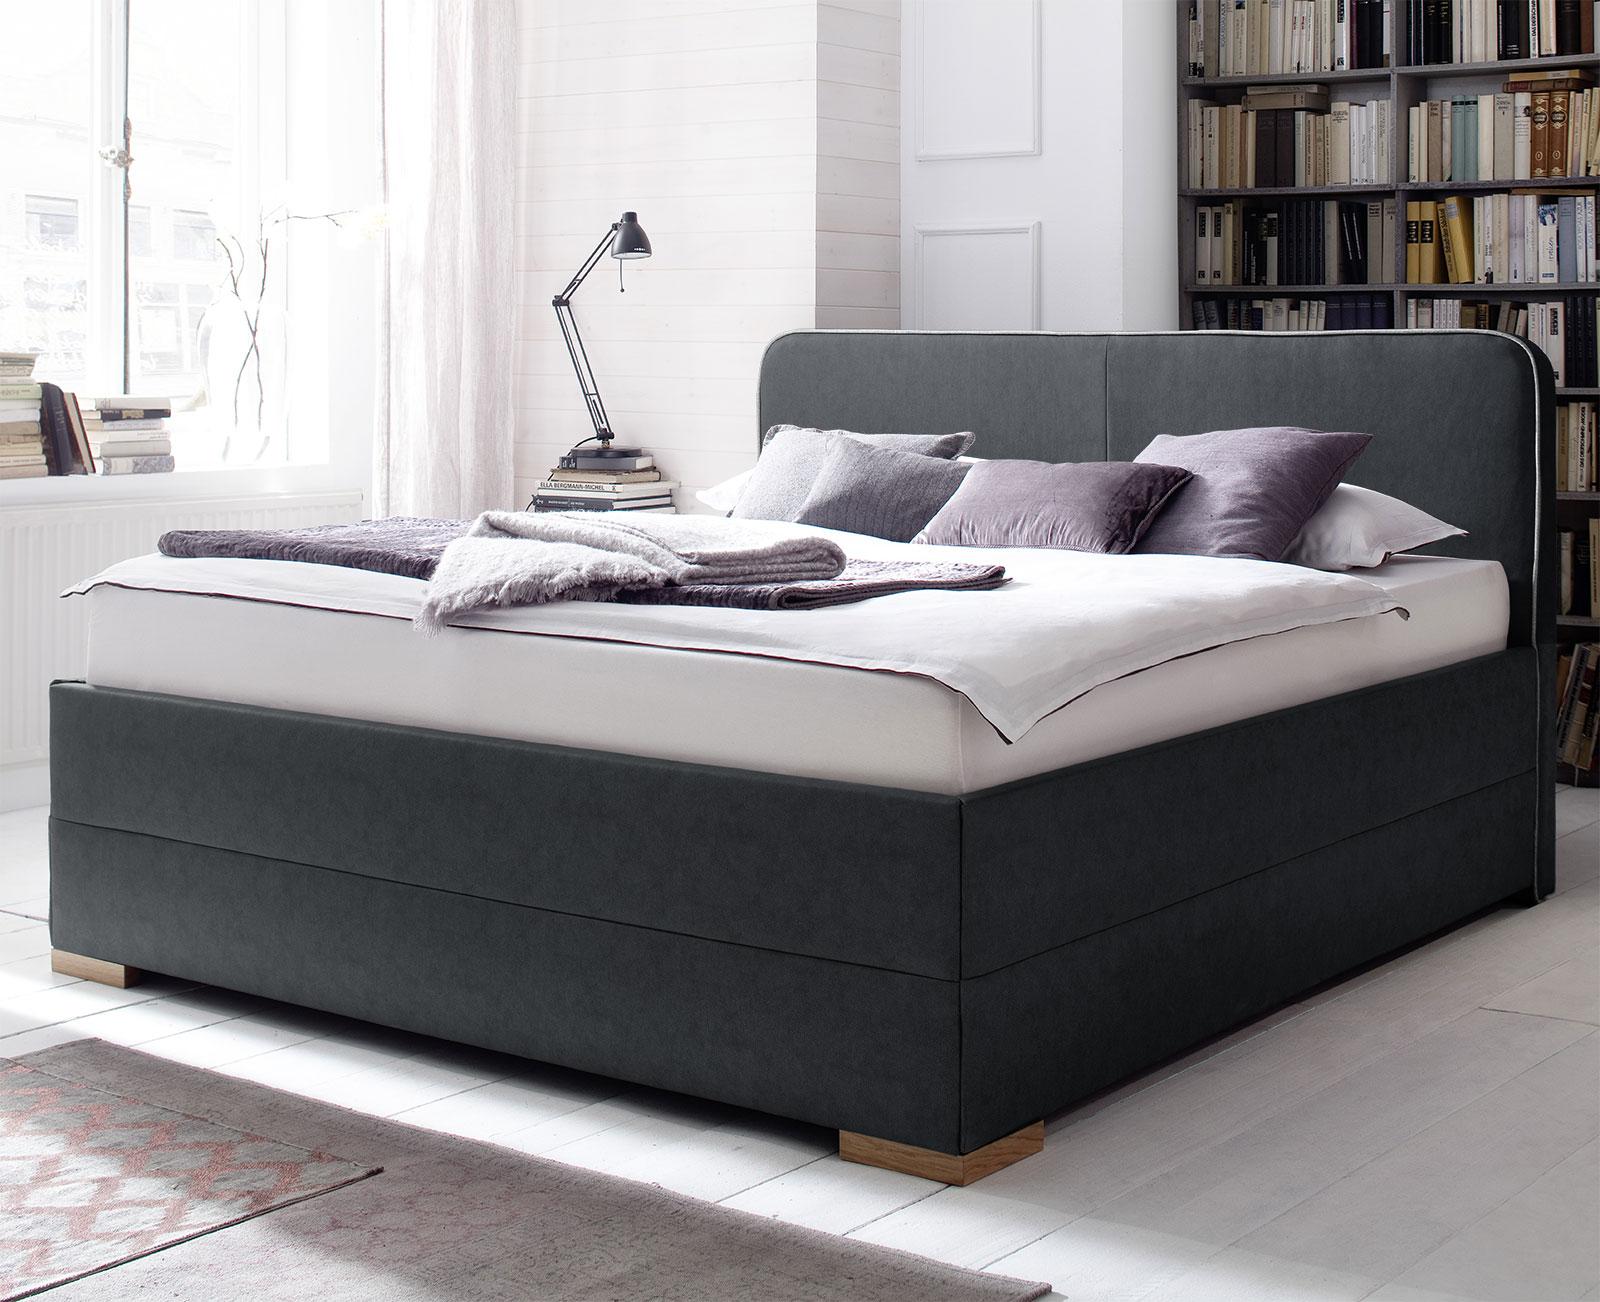 bett in boxspringoptik mit keder am kunstleder kopfteil sila. Black Bedroom Furniture Sets. Home Design Ideas